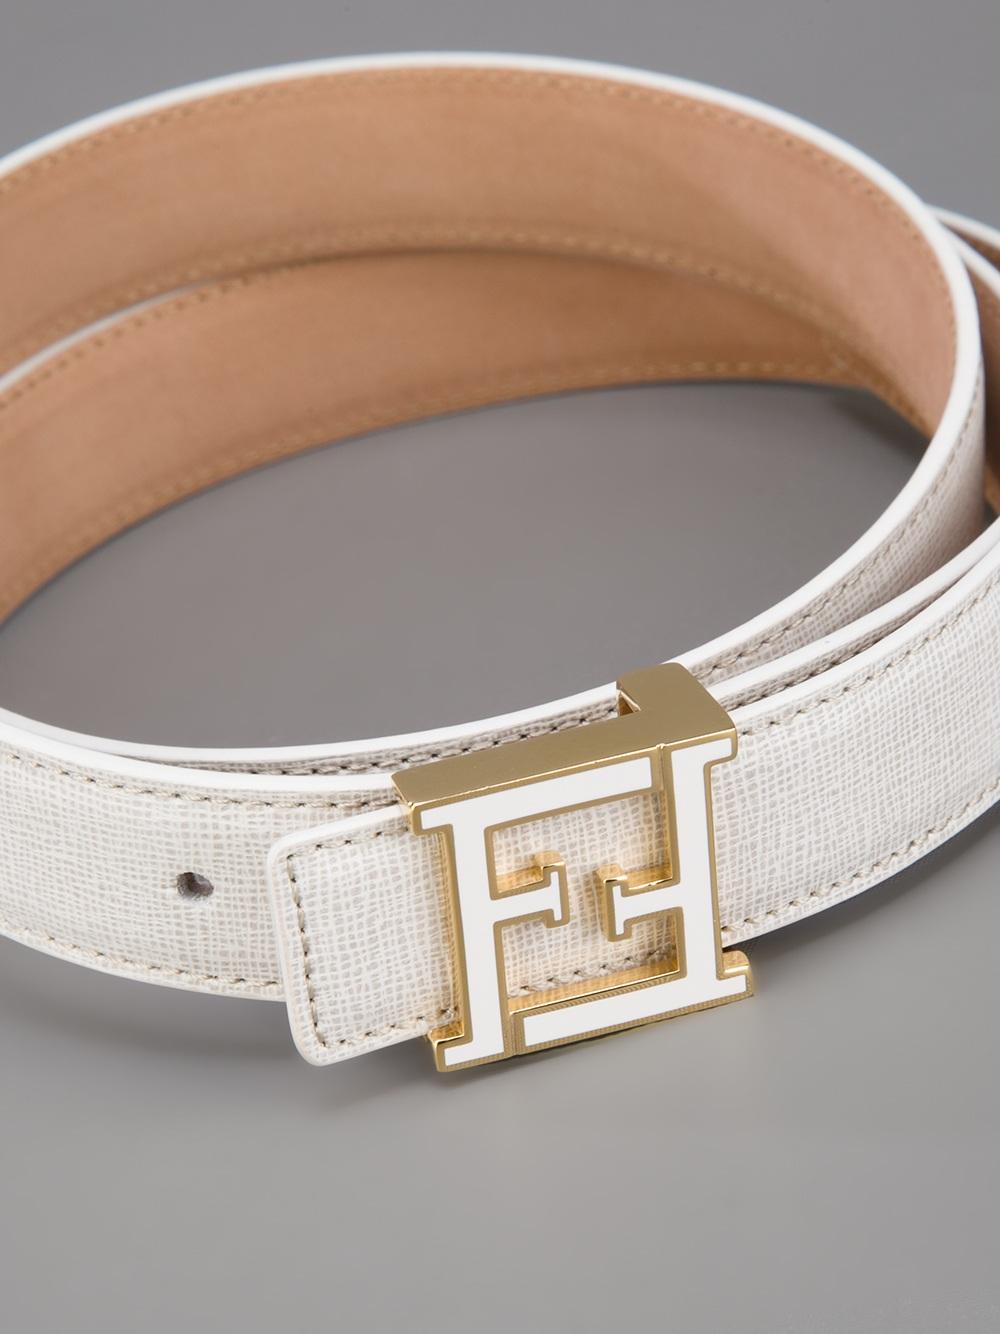 FF logo embroidered belt - White Fendi AQo7n